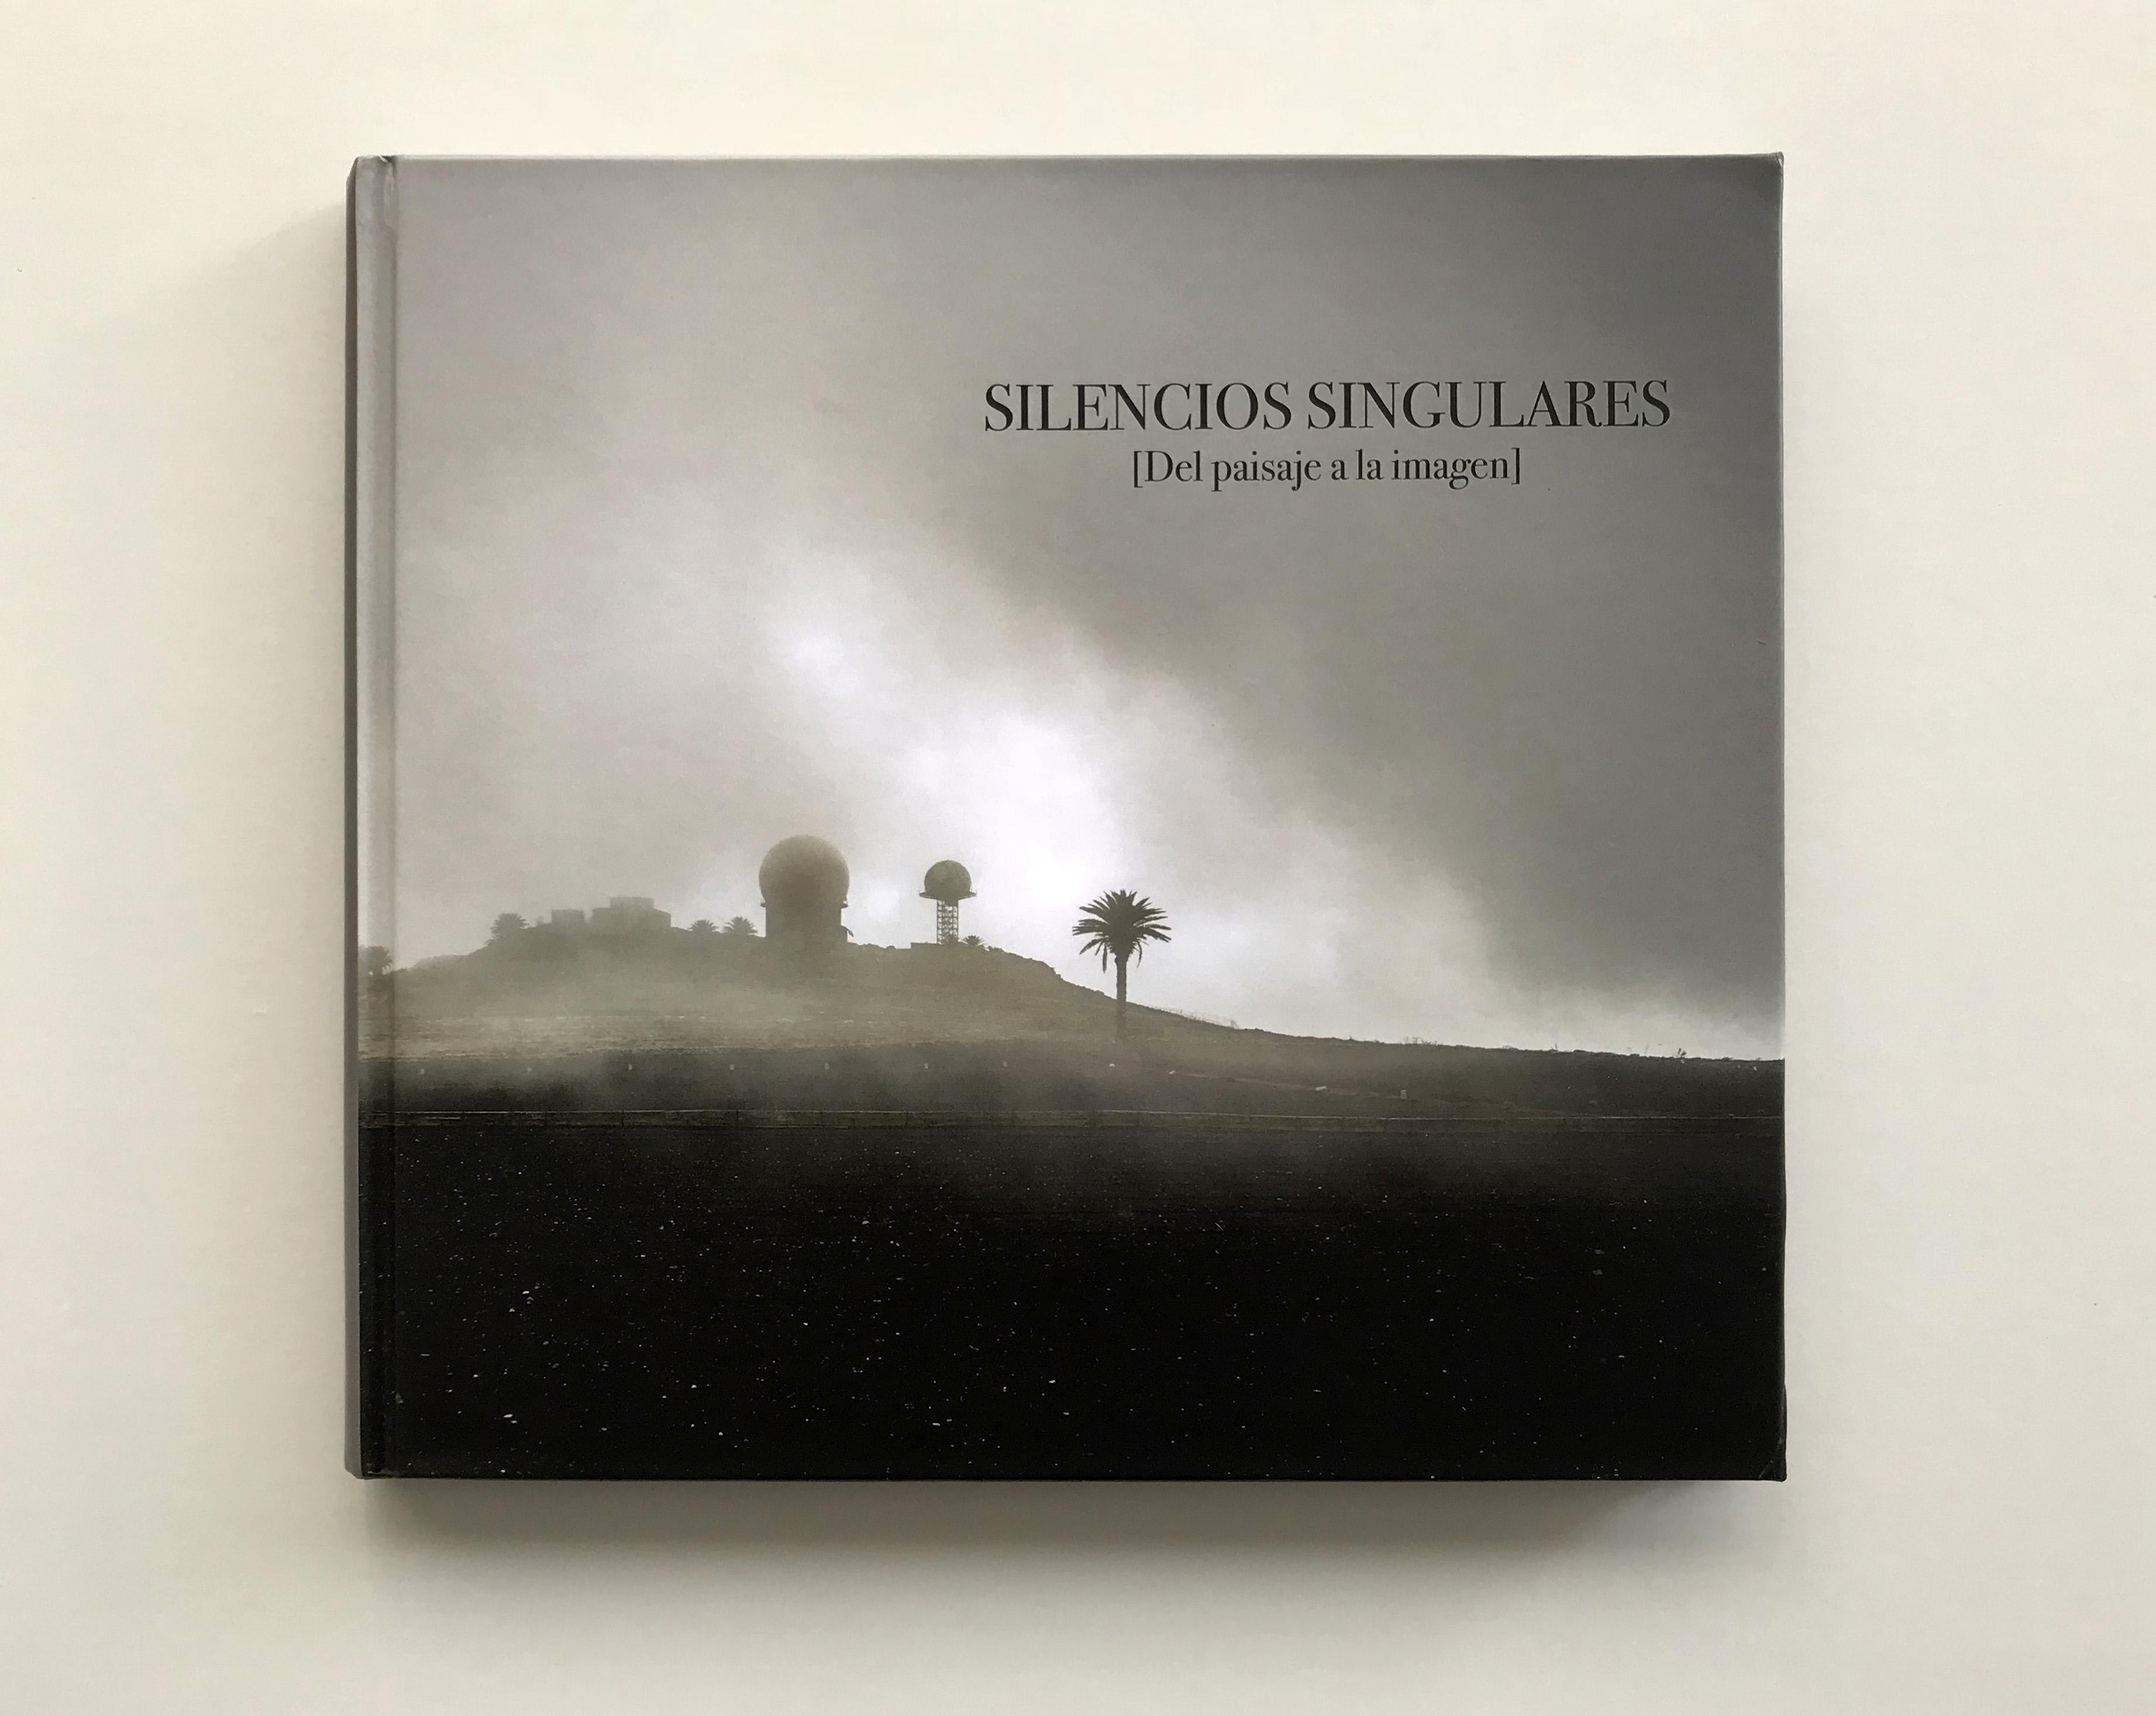 silencios singulares 003